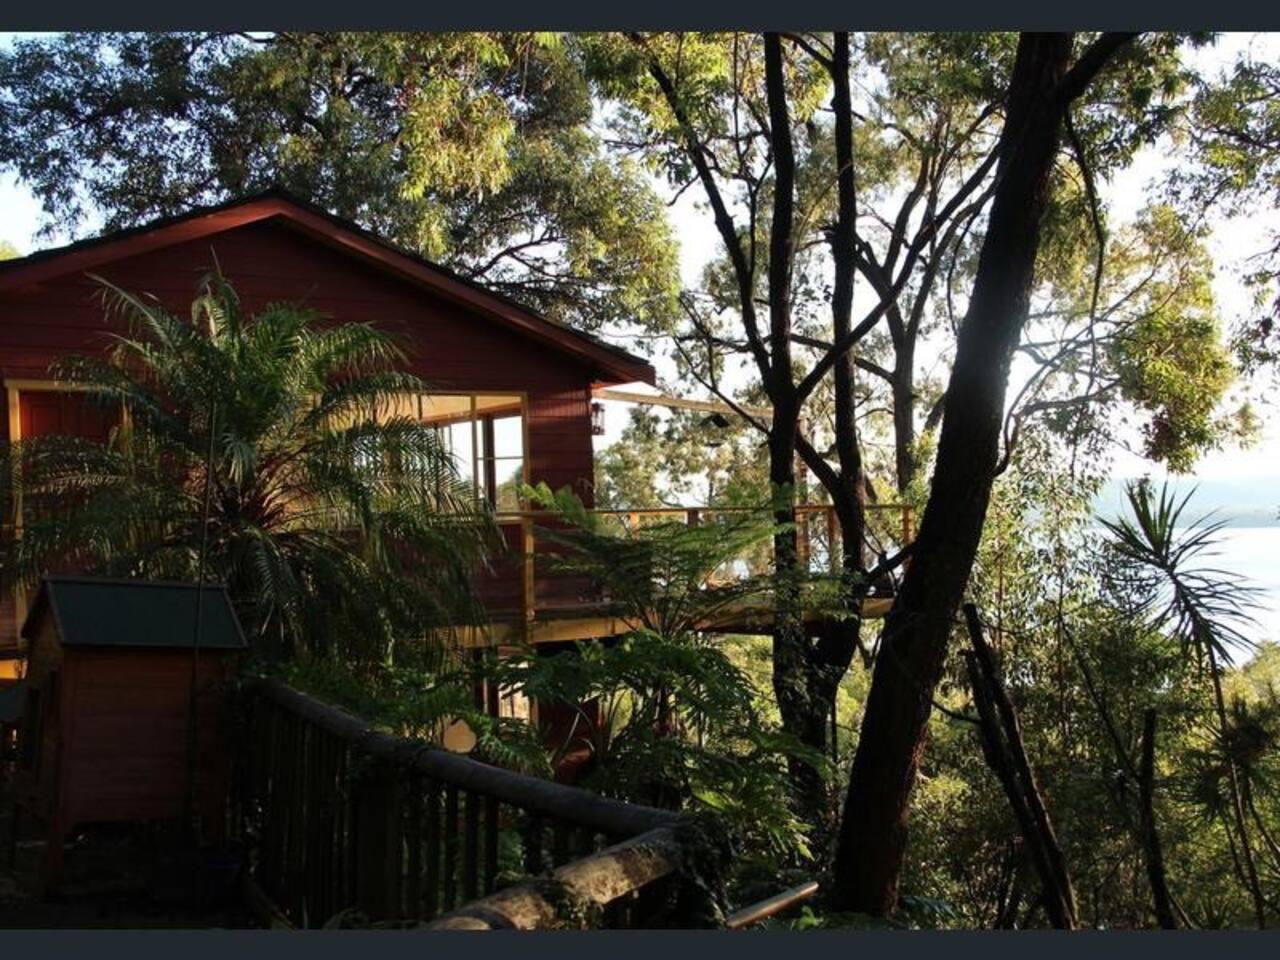 Treehouse at sunrise